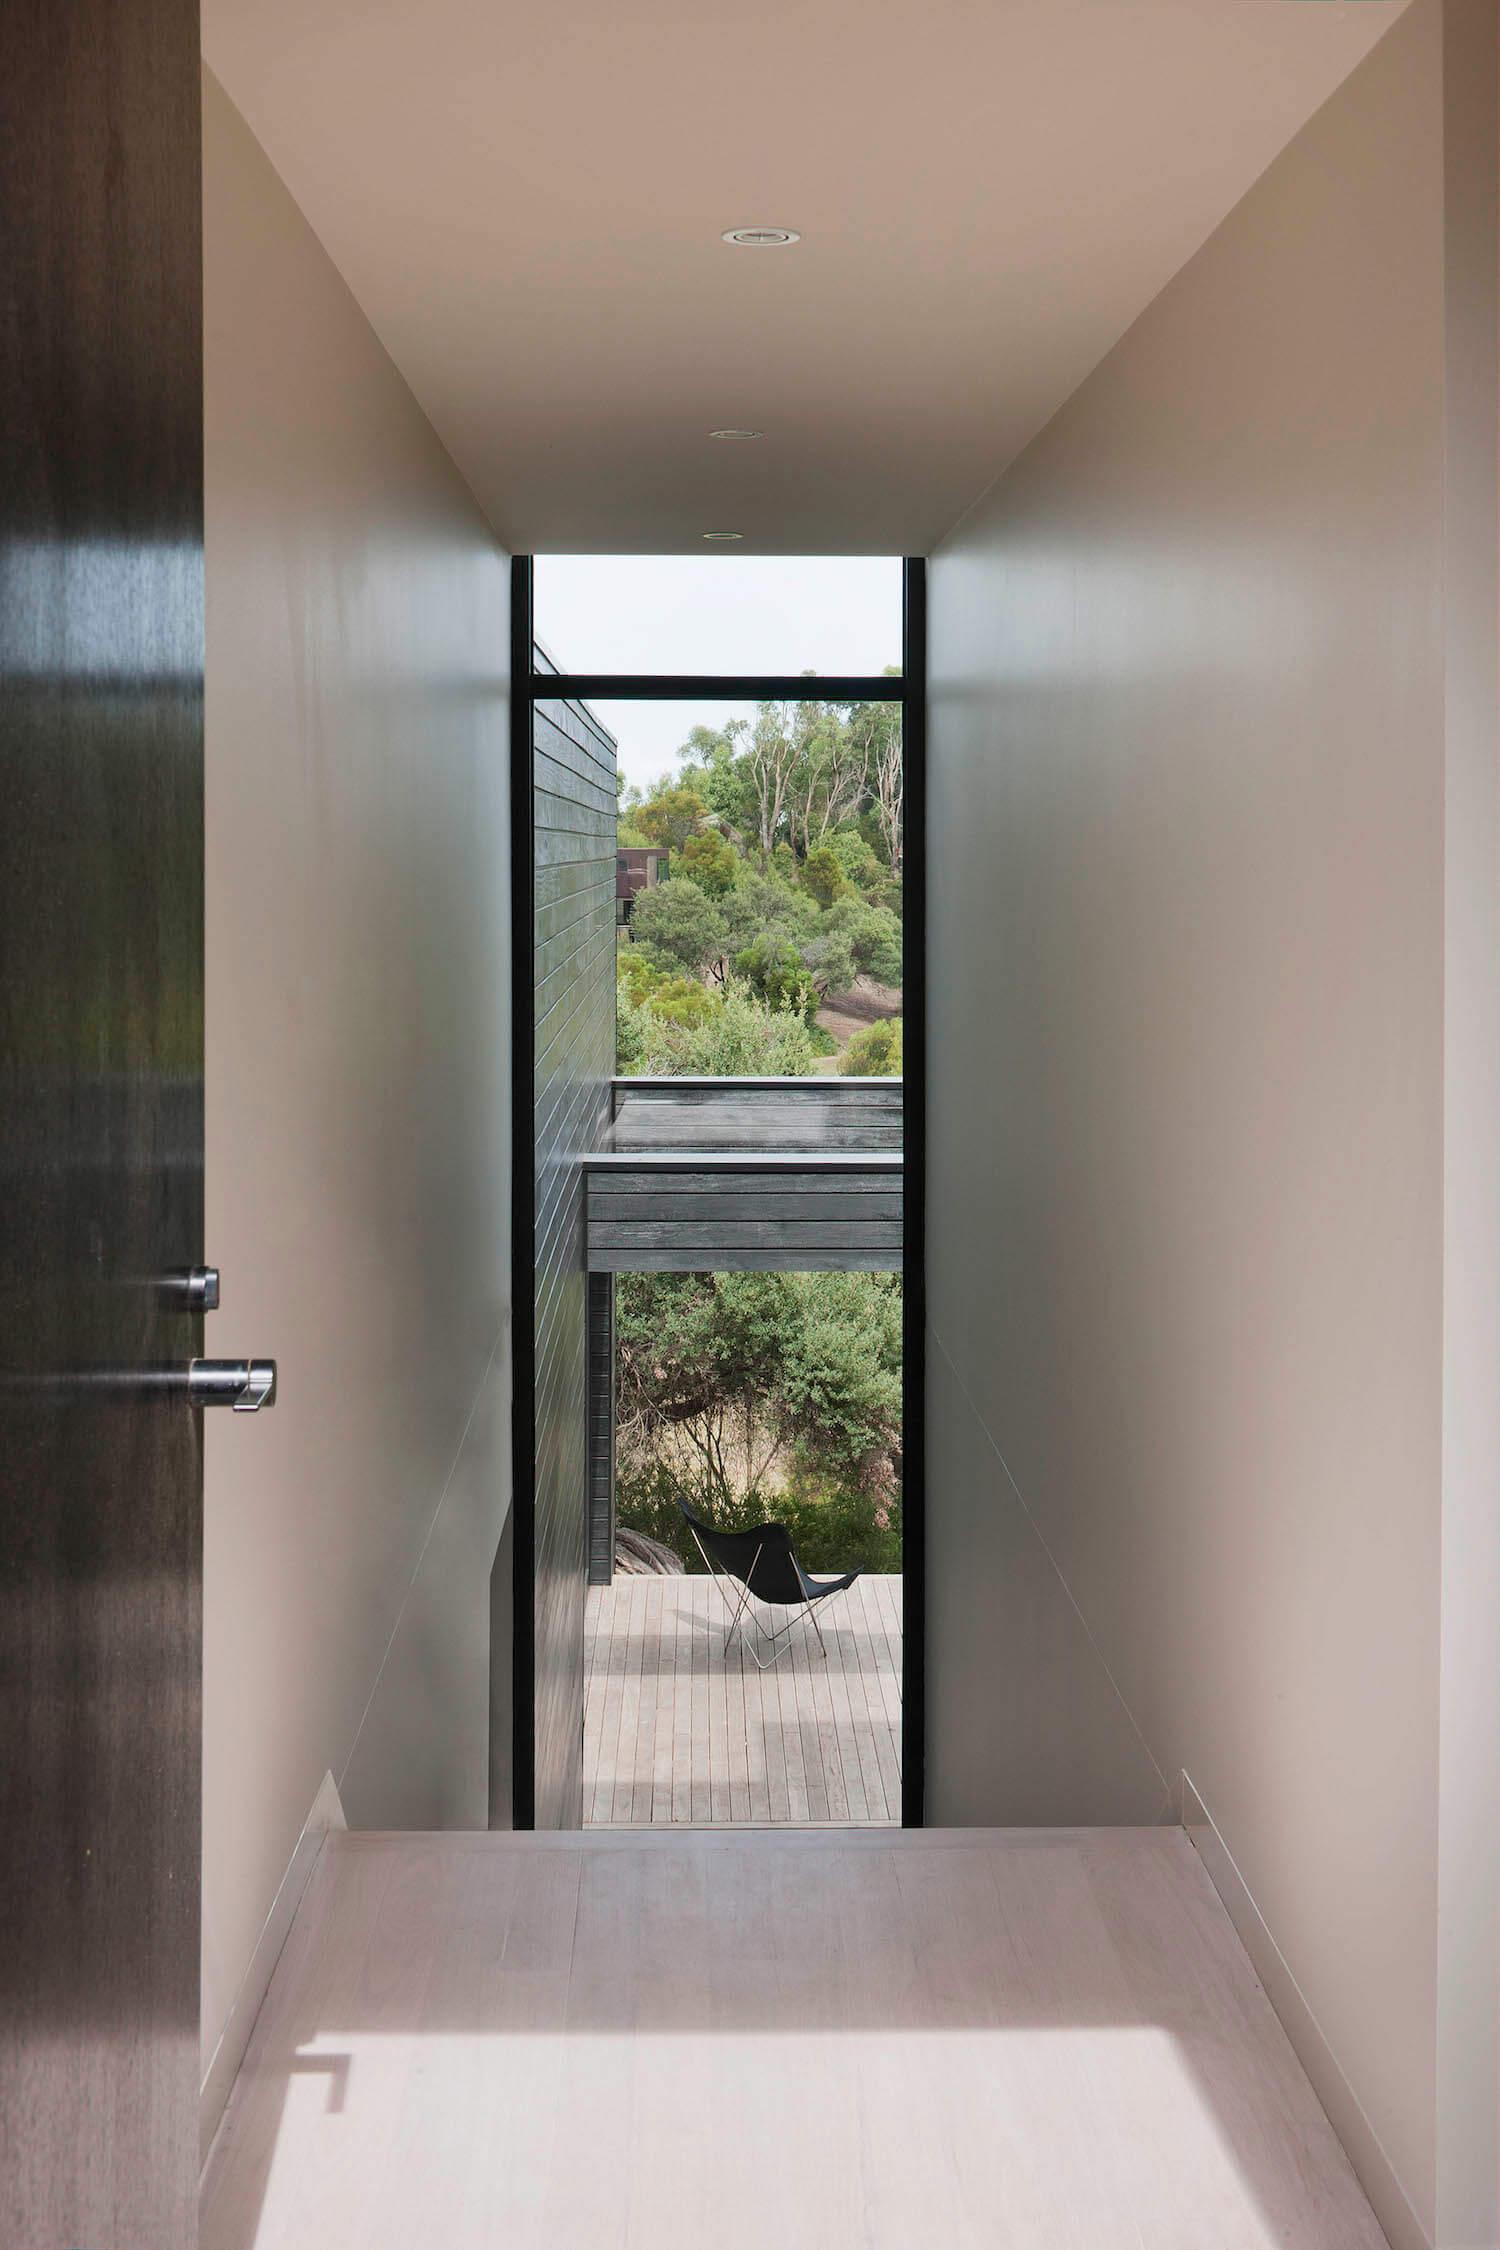 est living australian interiors studiofour ridge road residence image 02